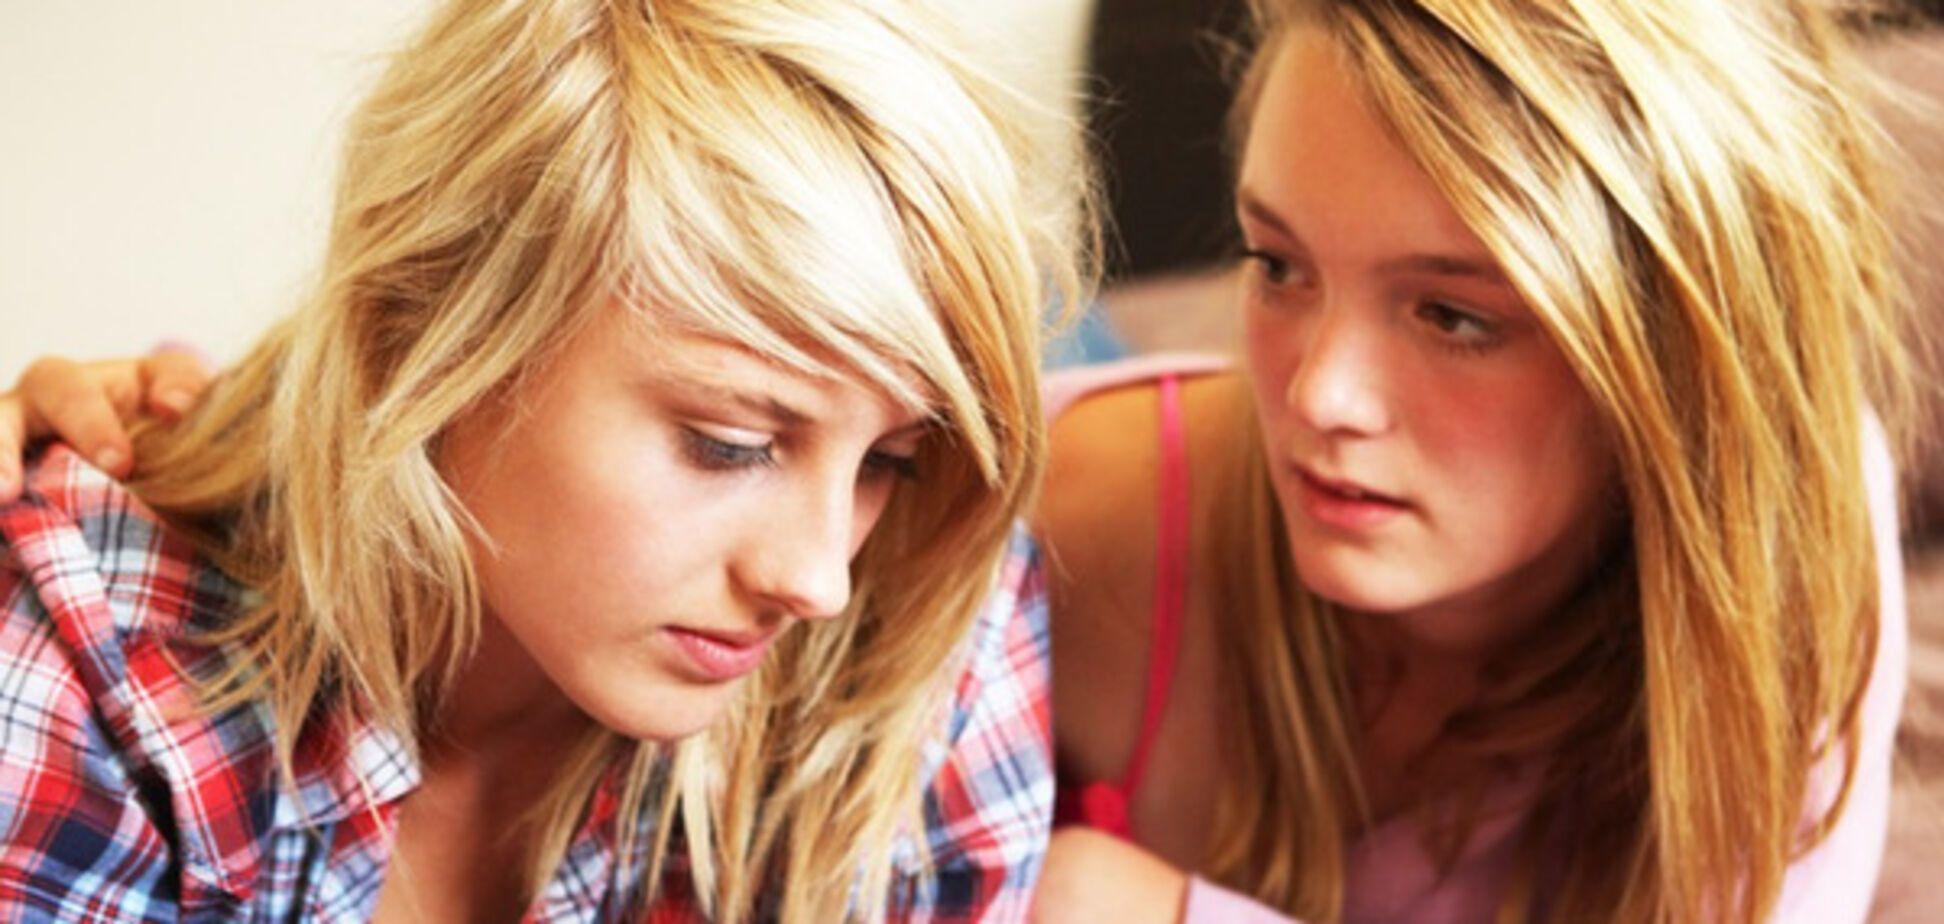 Вчені розповіли, хто з підлітків більш схильний до ранньої вагітності